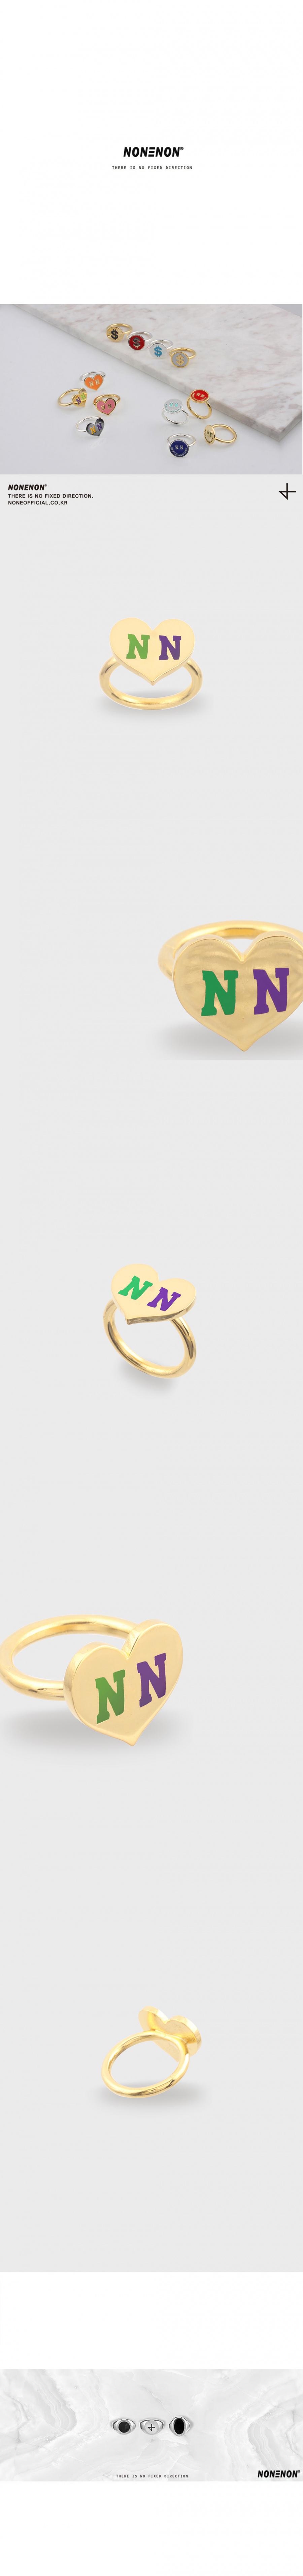 논논(NONENON) ODD EYE LOVE[GOLD]